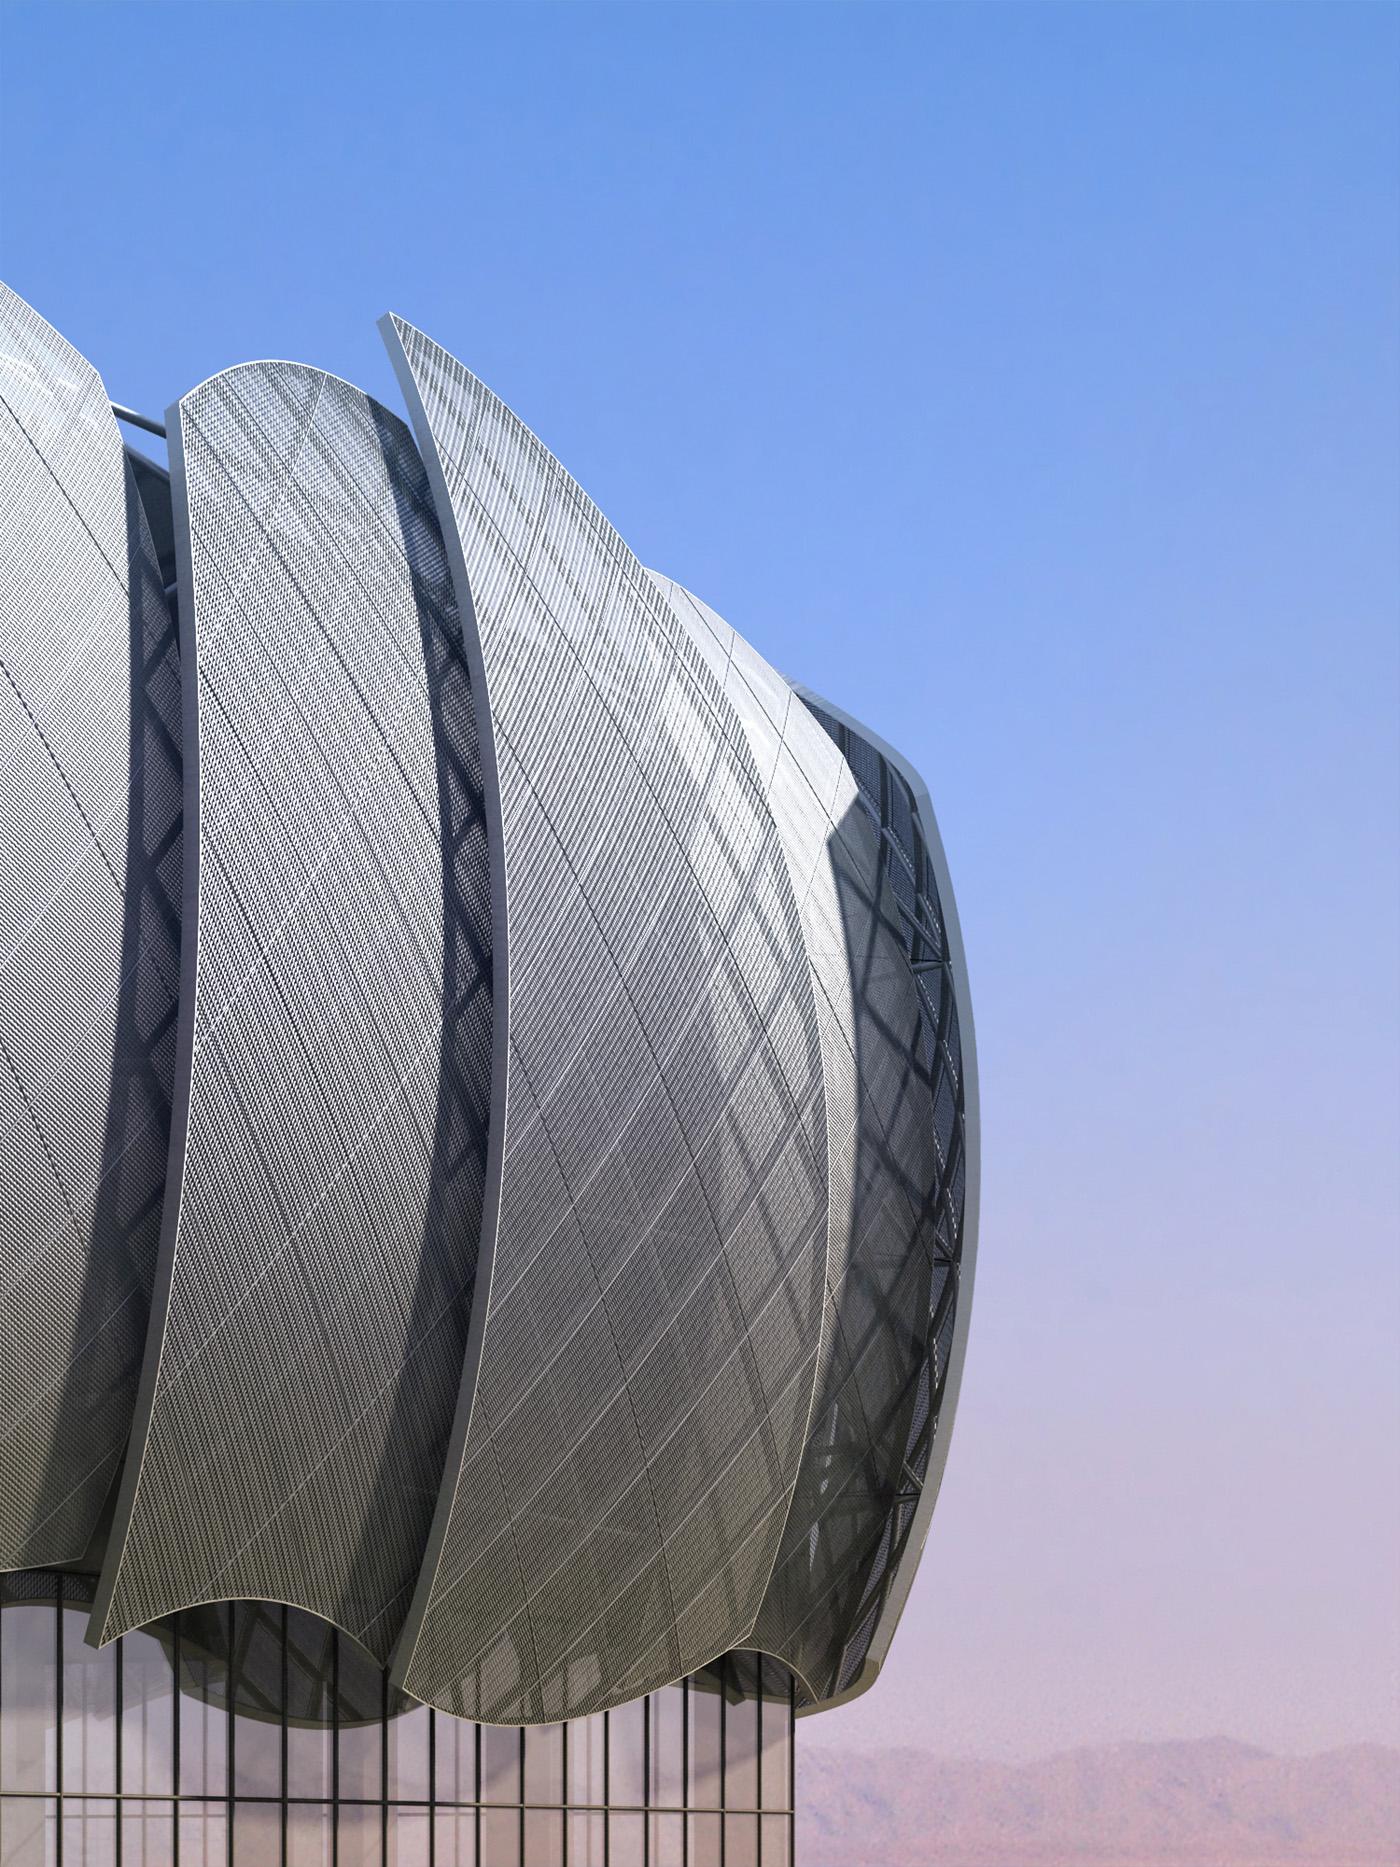 Il nuovo centro sportivo della Sohar University, in Oman, con le sue iconiche vele   project management   by Bottega di Architettura